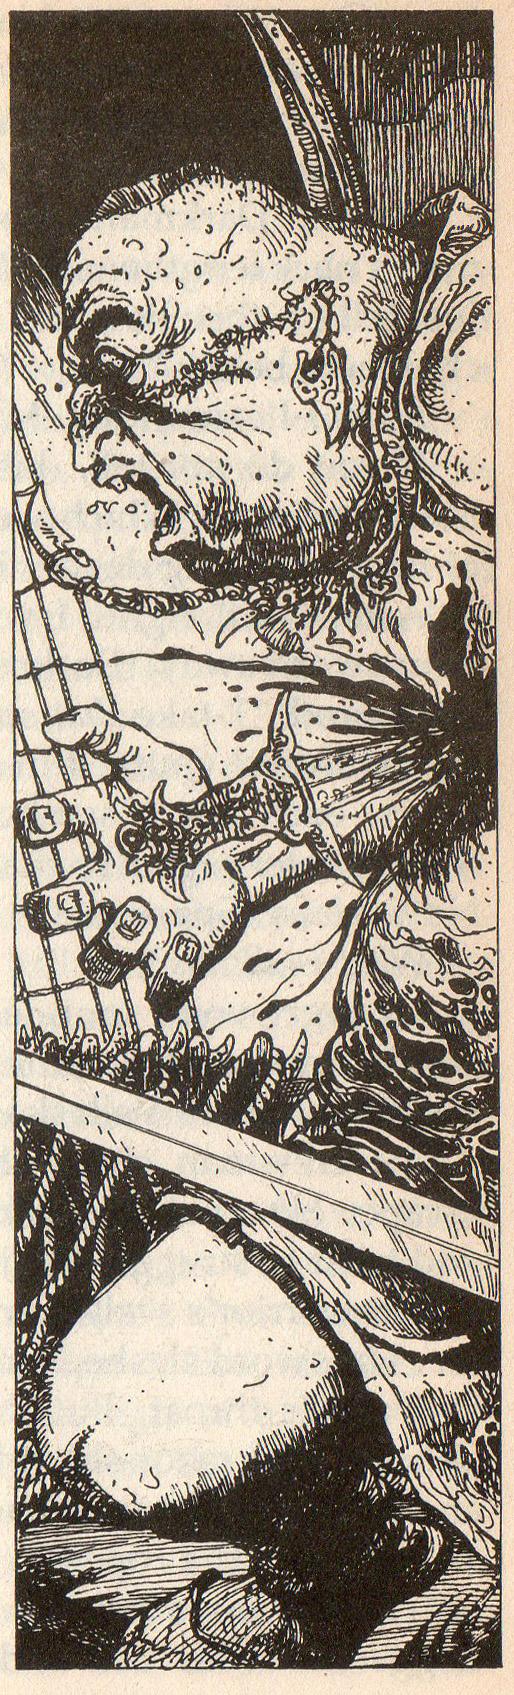 La Créature venue du Chaos - Page 15 Vallas10